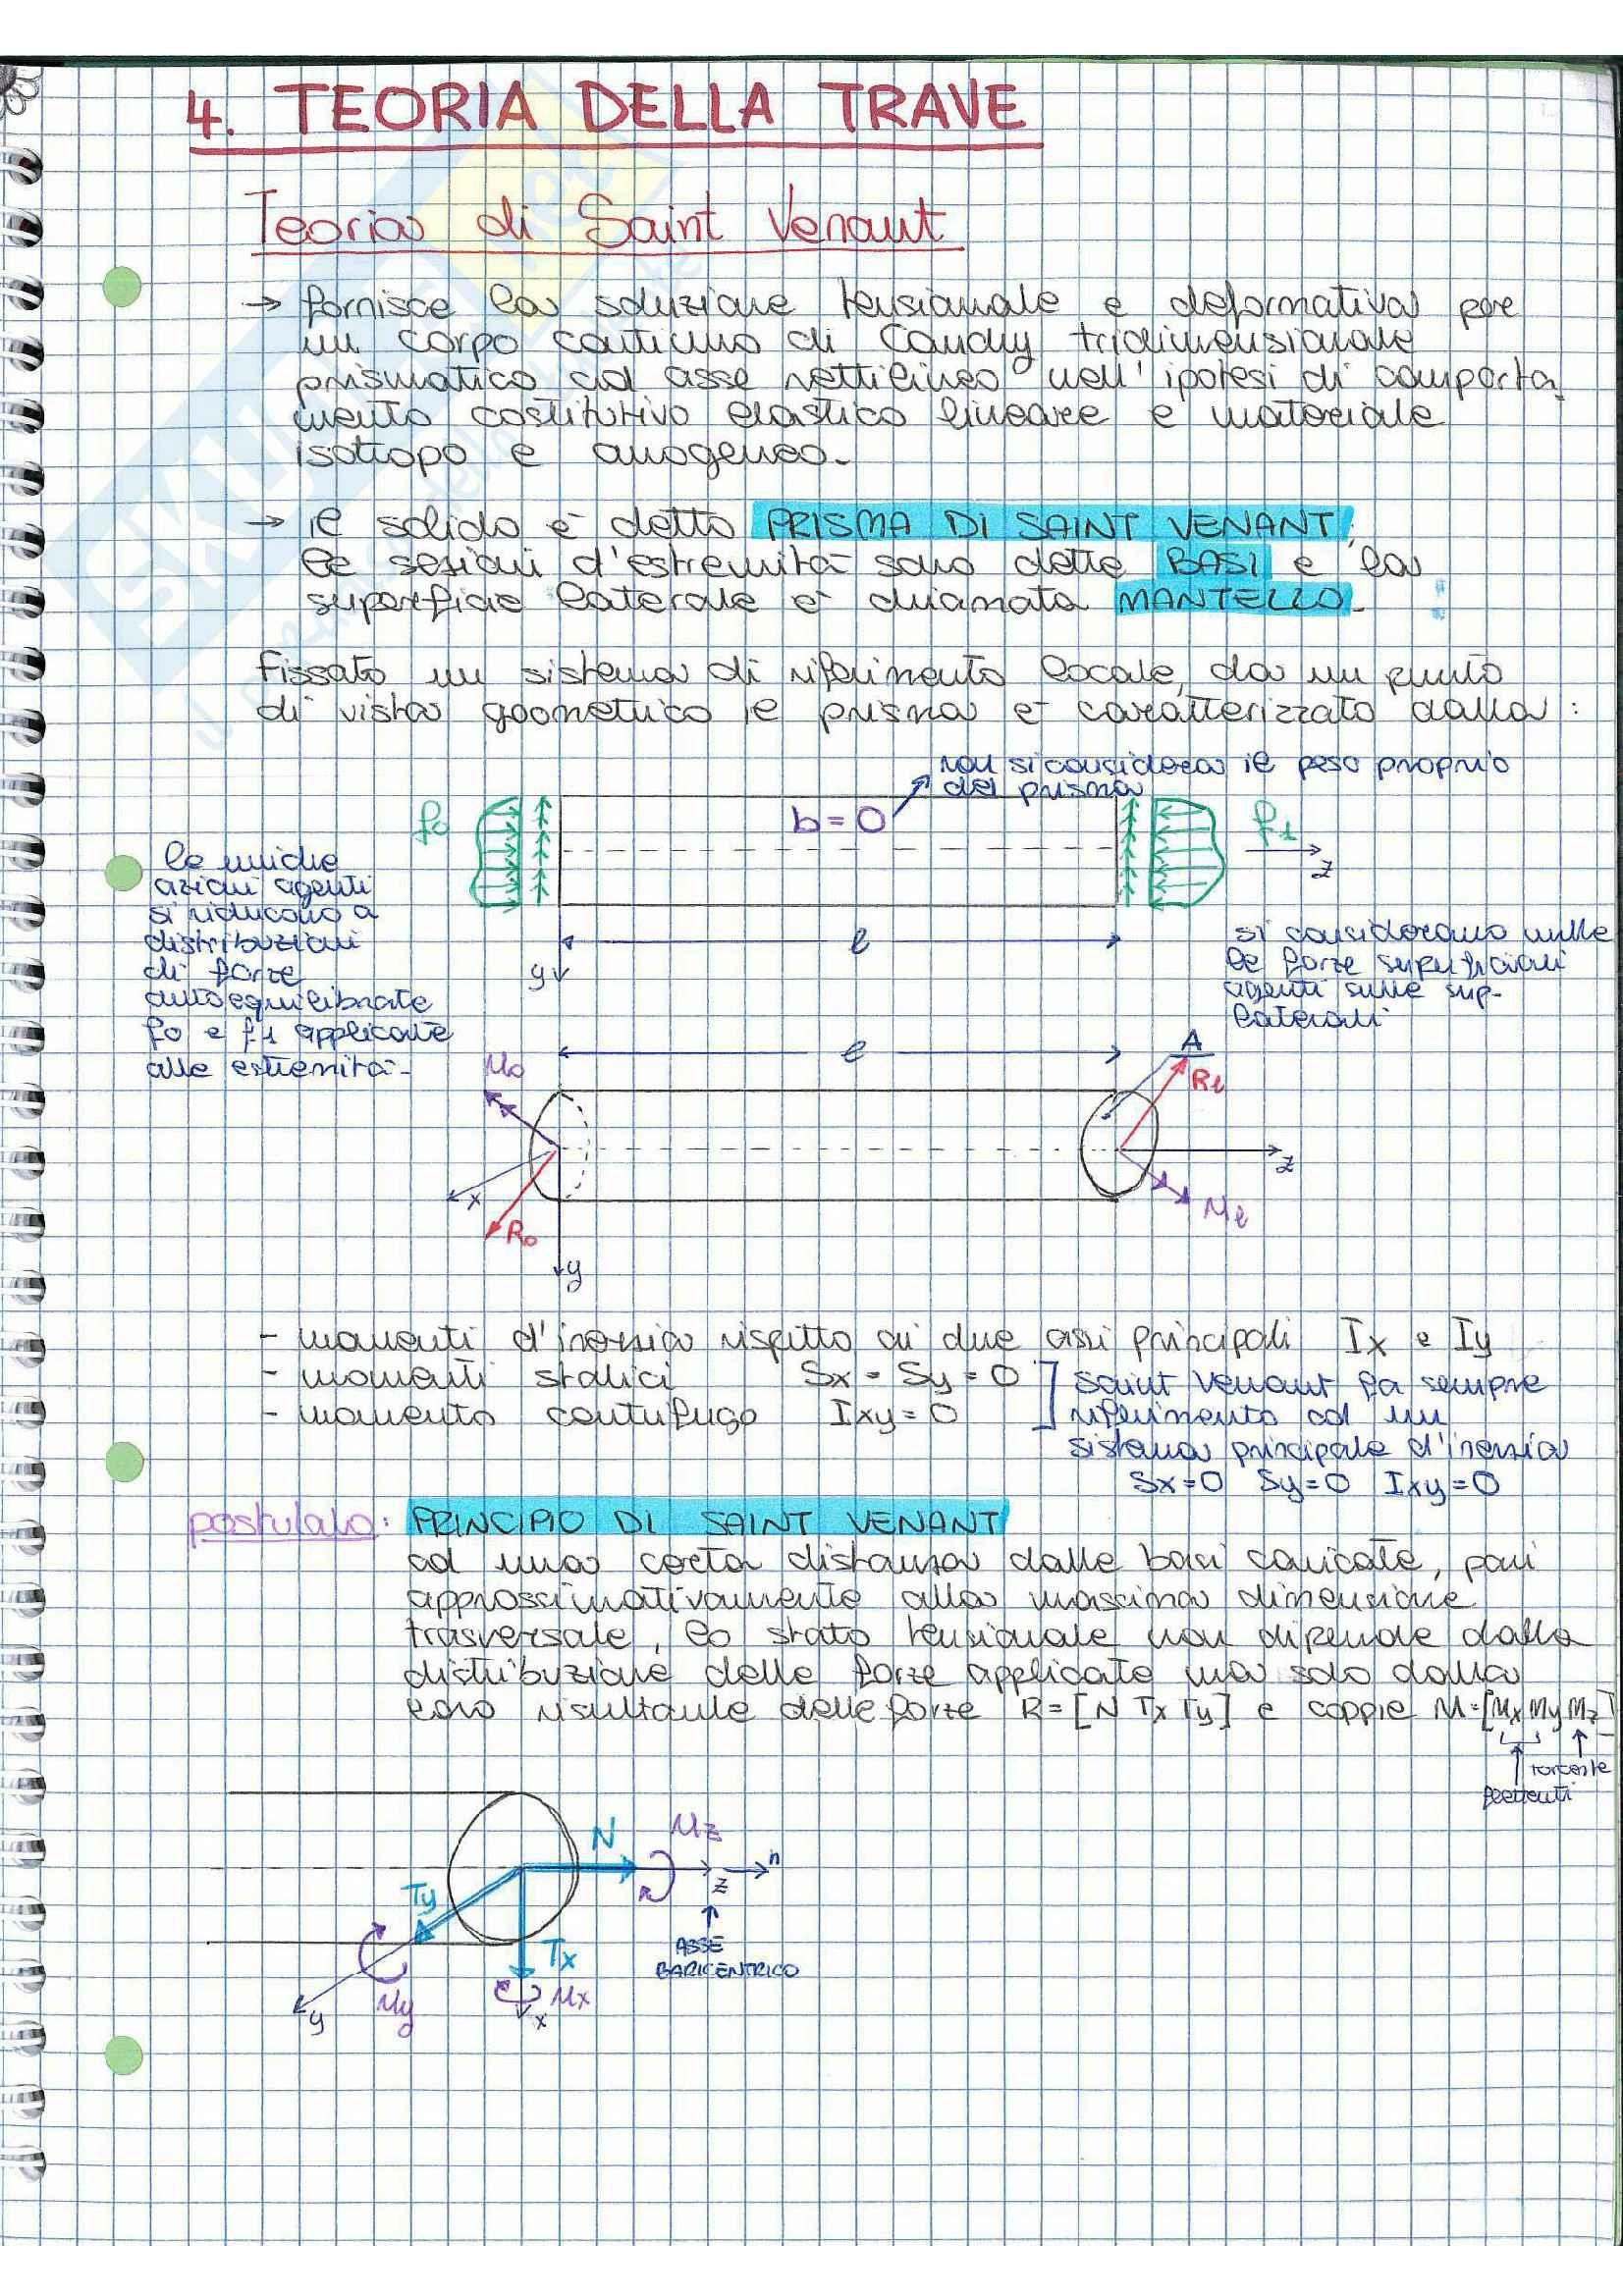 Riassunto esame Scienza delle costruzioni, prof. Vestroni, libro consigliato Casini, Vasta: parte teoria della trave